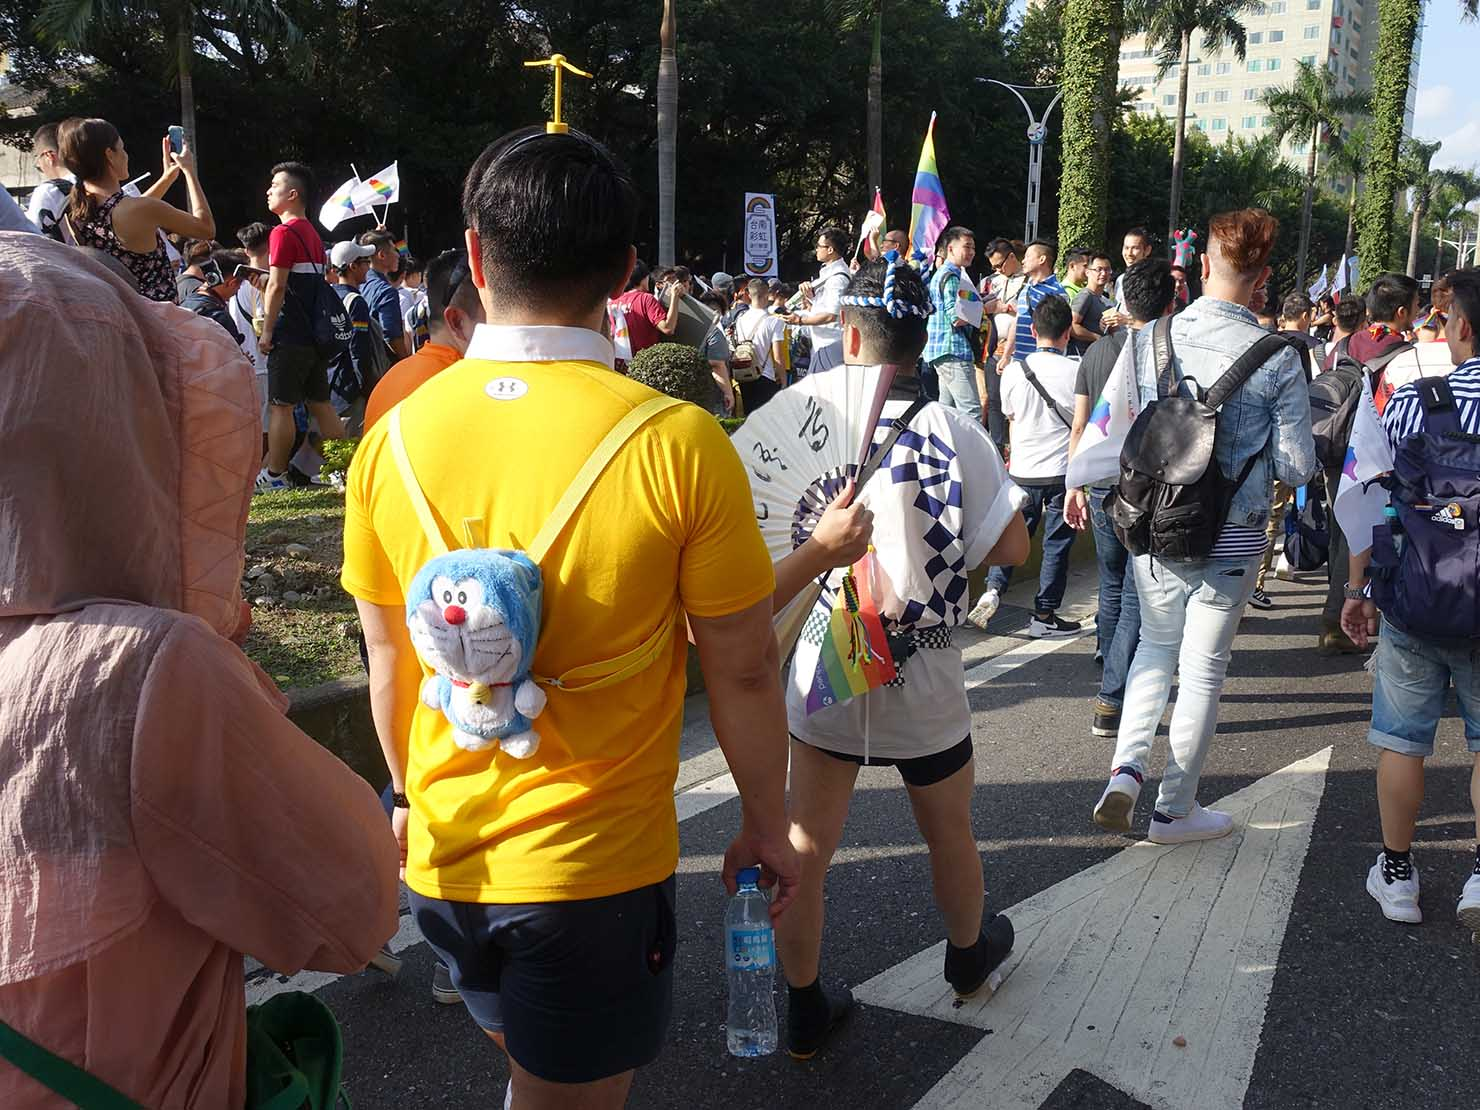 台灣同志遊行(台湾LGBTプライド)2018パレードをコスプレで歩く参加者